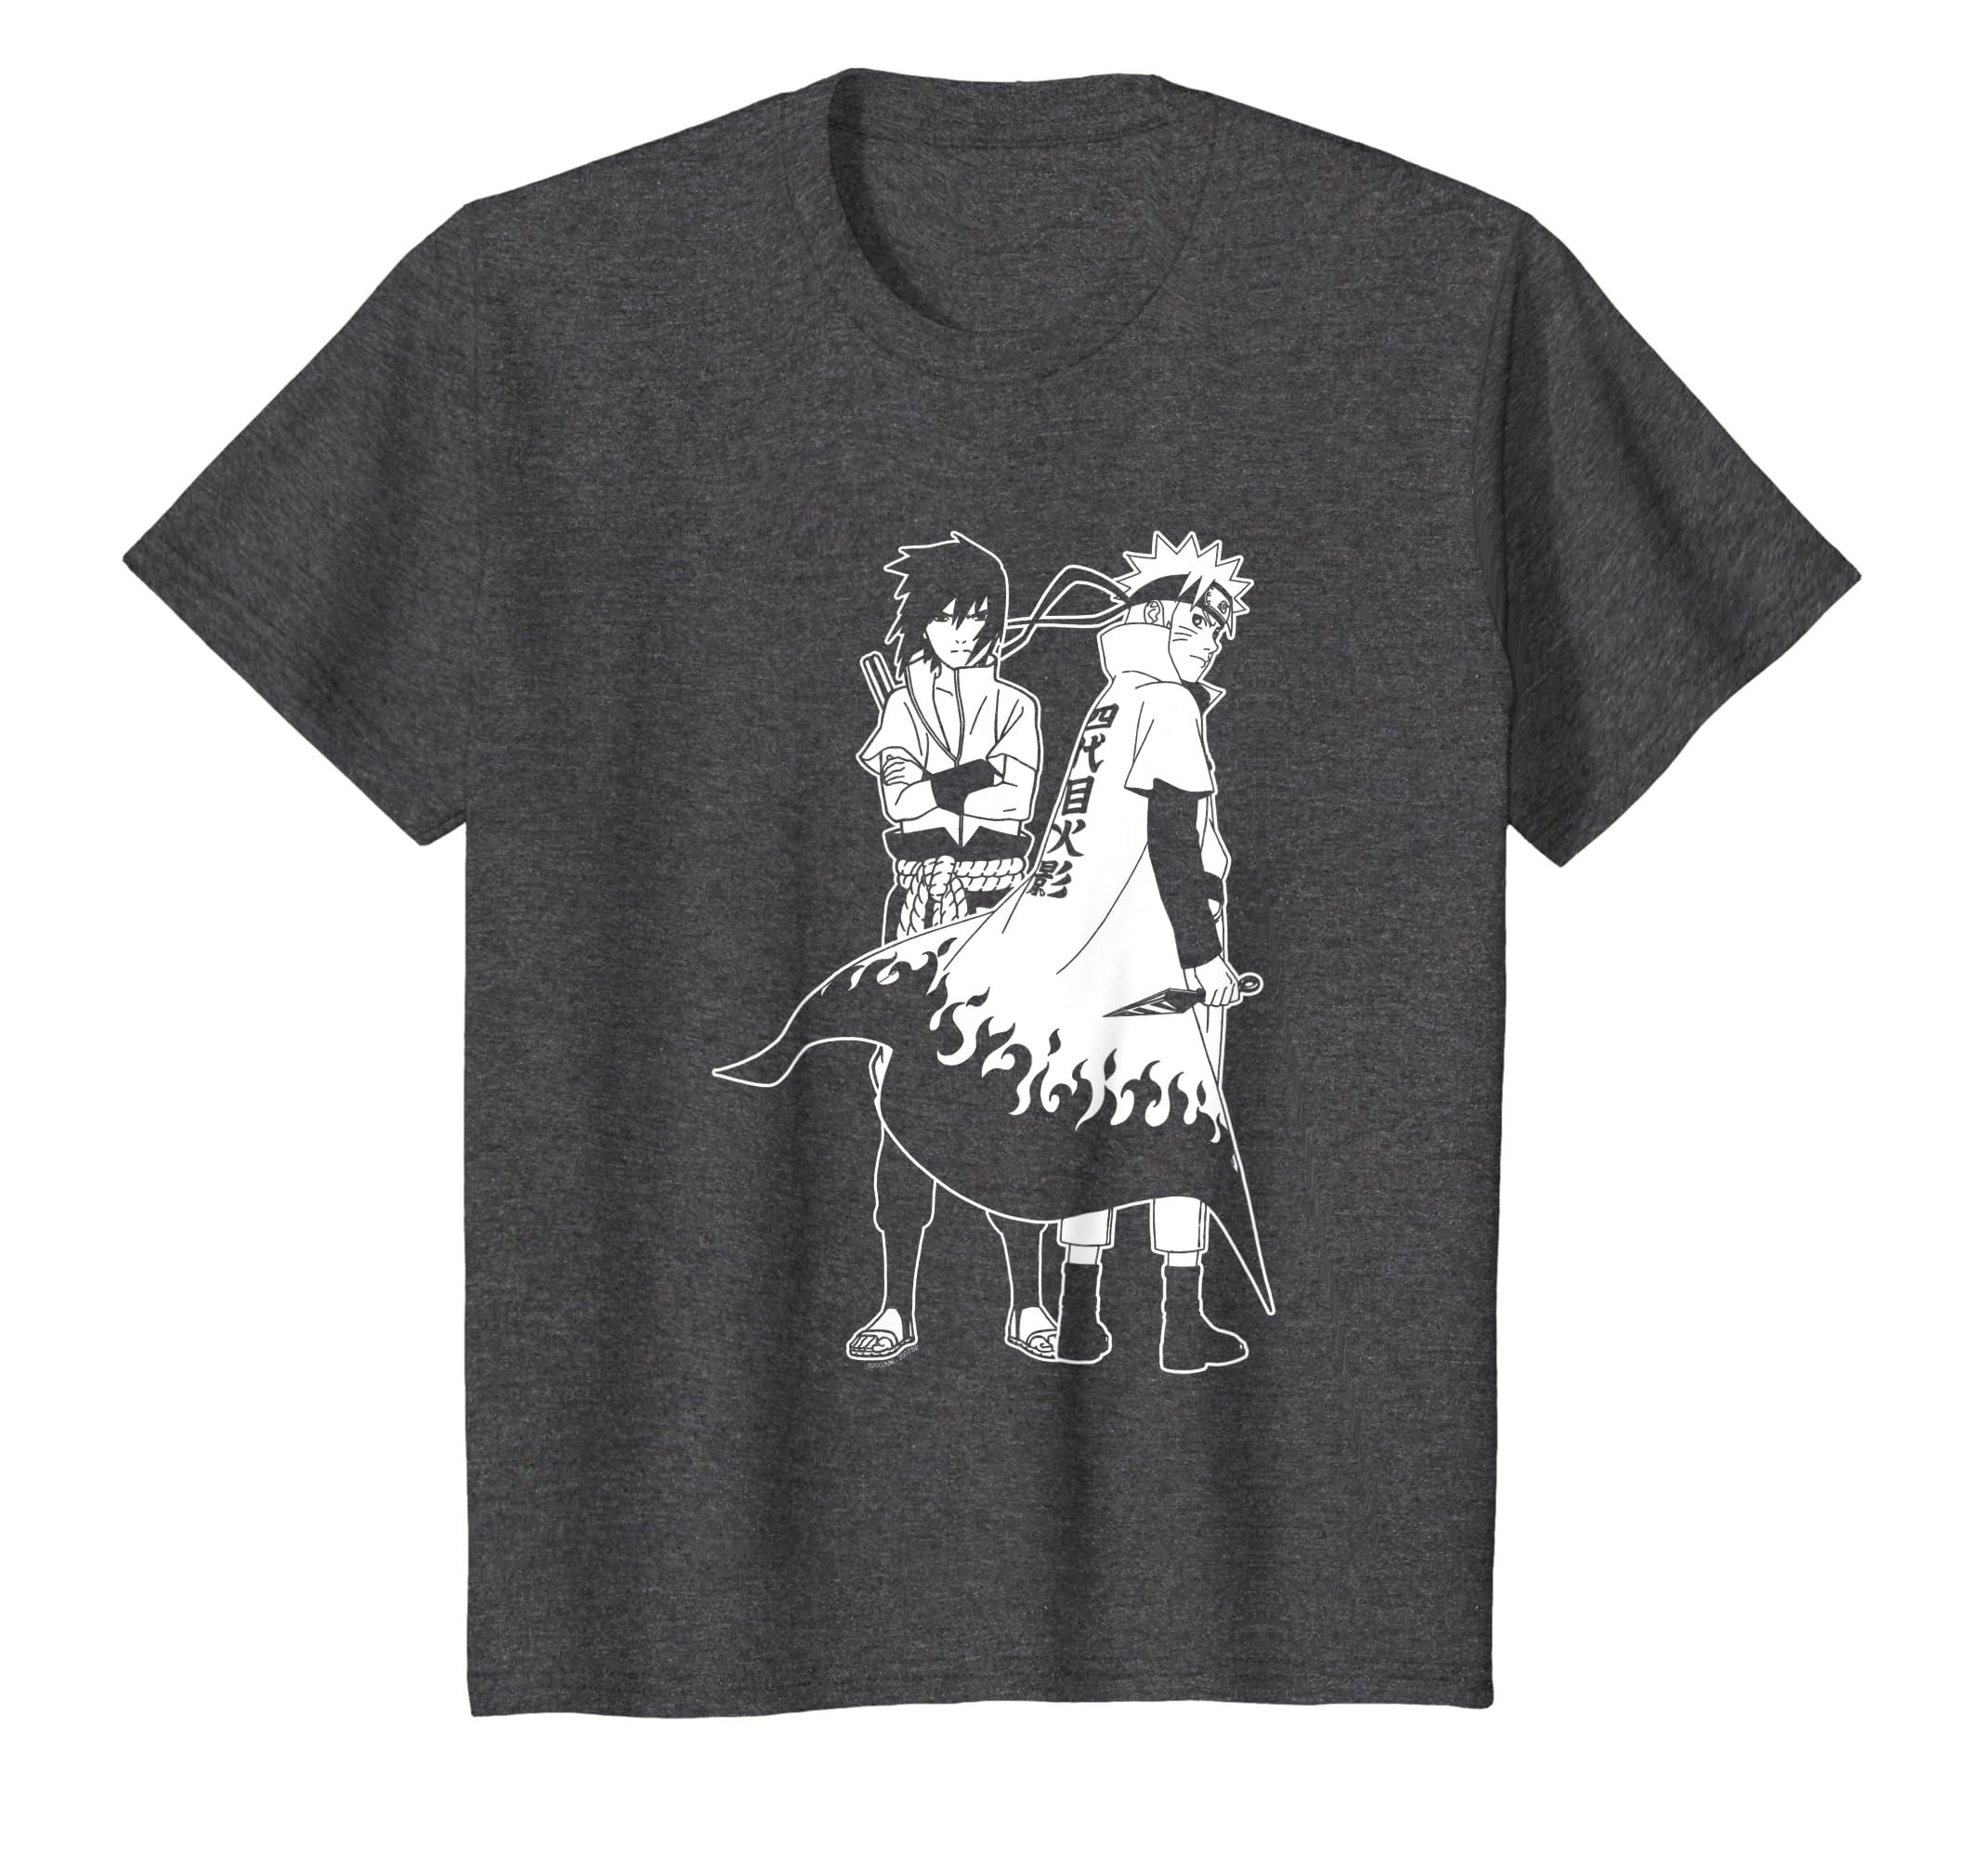 81228ff29 Amazon.com: Naruto Naruto and Sasuke Outline T-shirt: Clothing